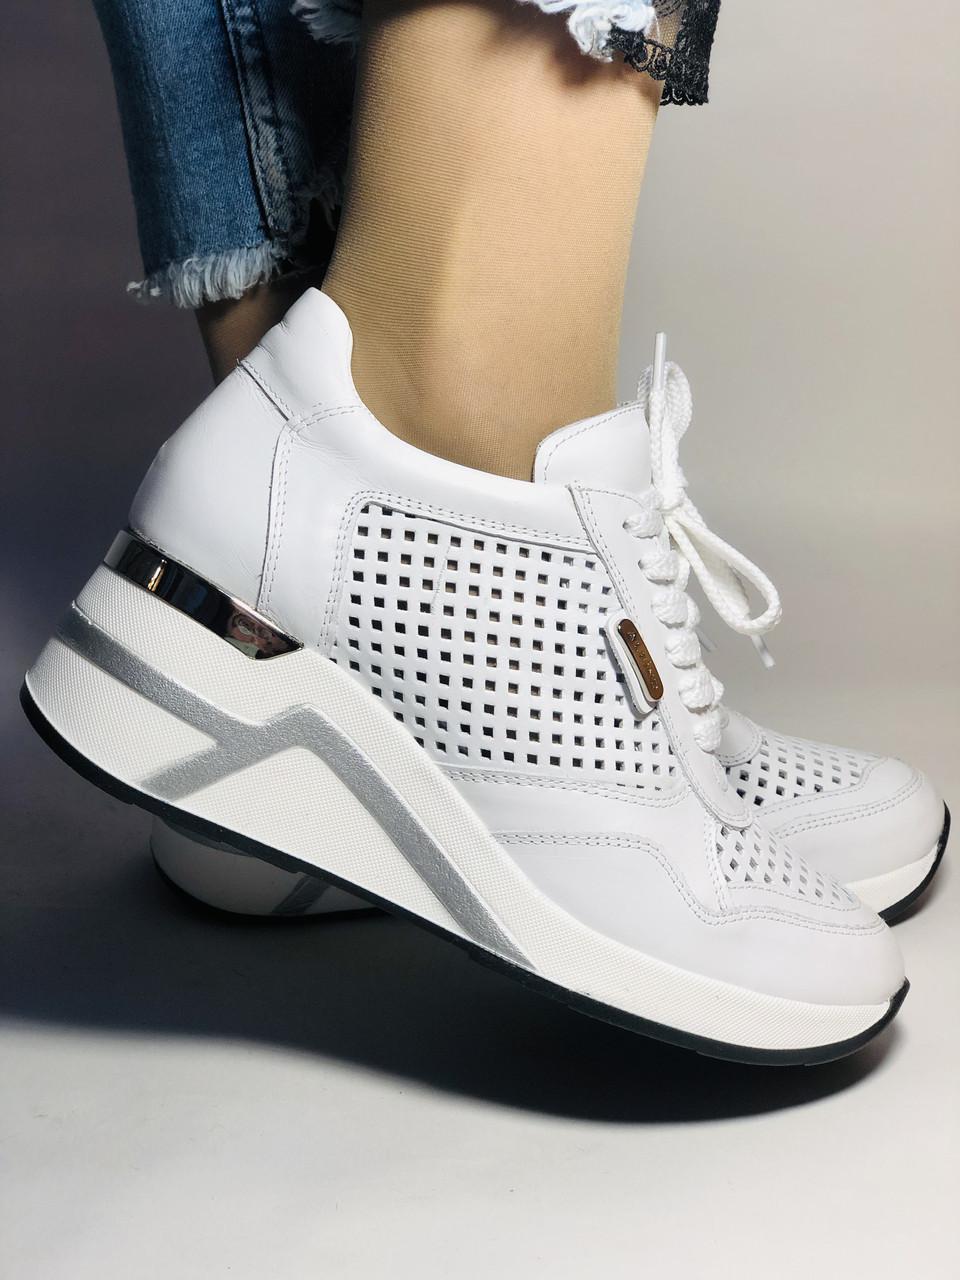 Туреччина.Alpino Жіночі кеди-білі кросівки на платформі.Натуральна шкіра. Розмір 36,37,38,39,40